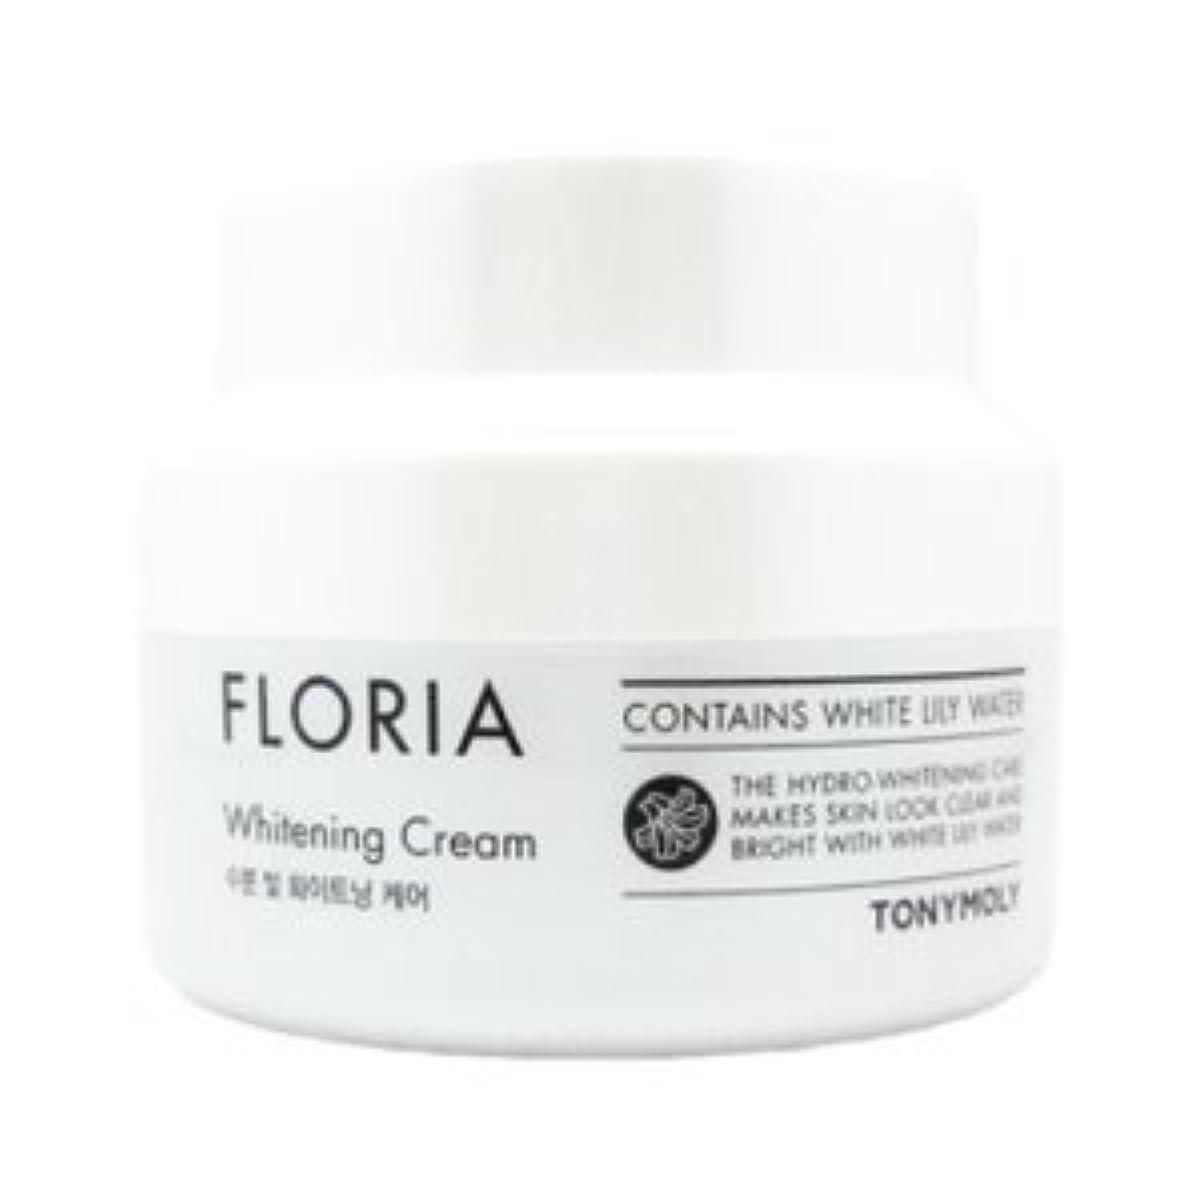 処方する間隔変形TONYMOLY Floria Whitening Cream 60ml/トニーモリー フロリア ホワイトニング クリーム 60ml [並行輸入品]